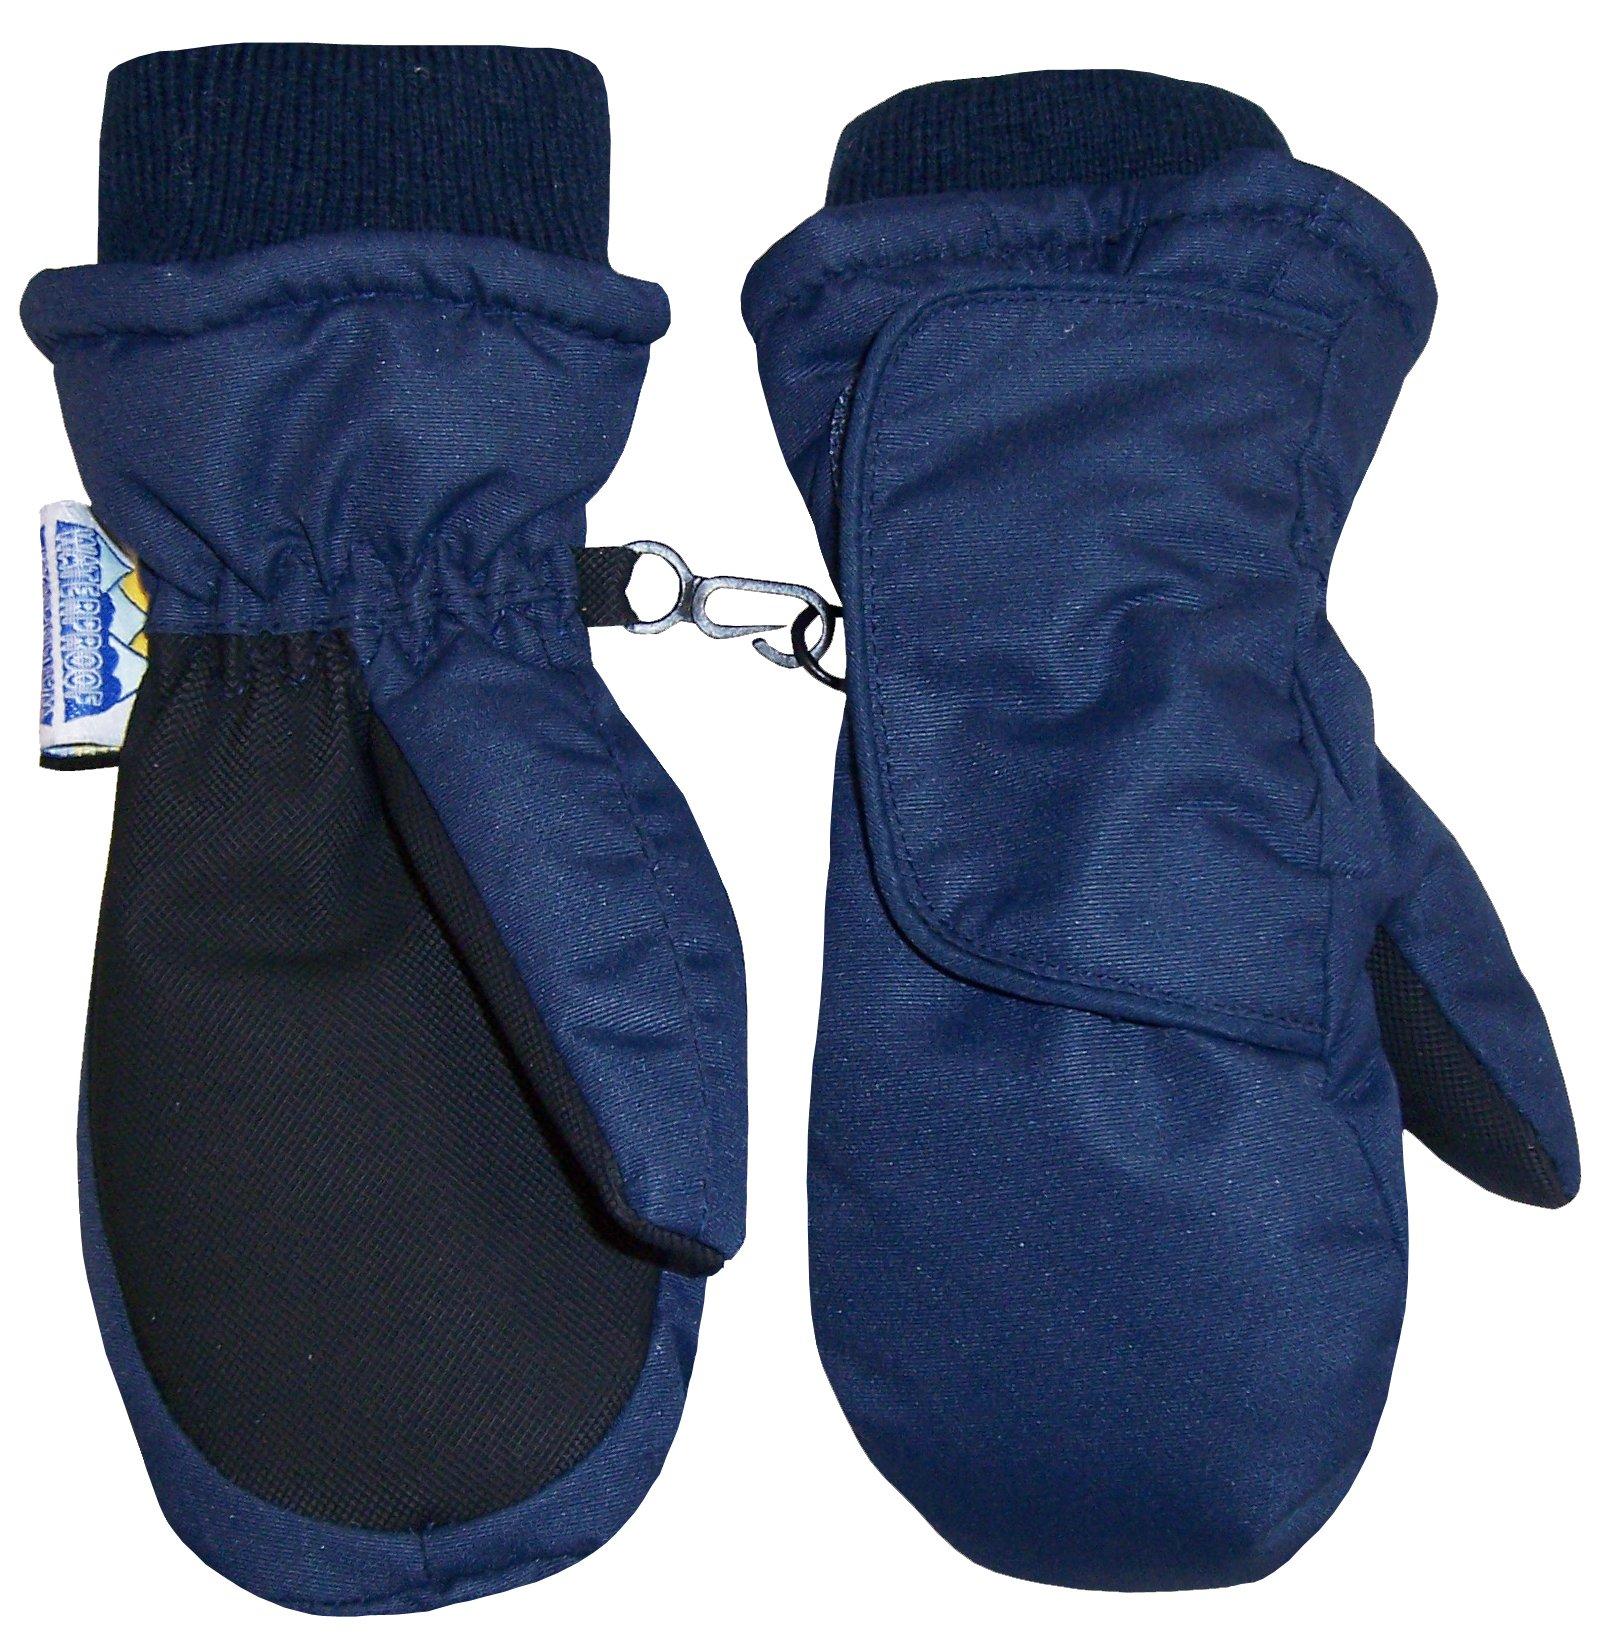 N'Ice Caps Kids Easy On Thinsulate Waterproof Wrap Mitten (6-8 Years, Navy/Black)